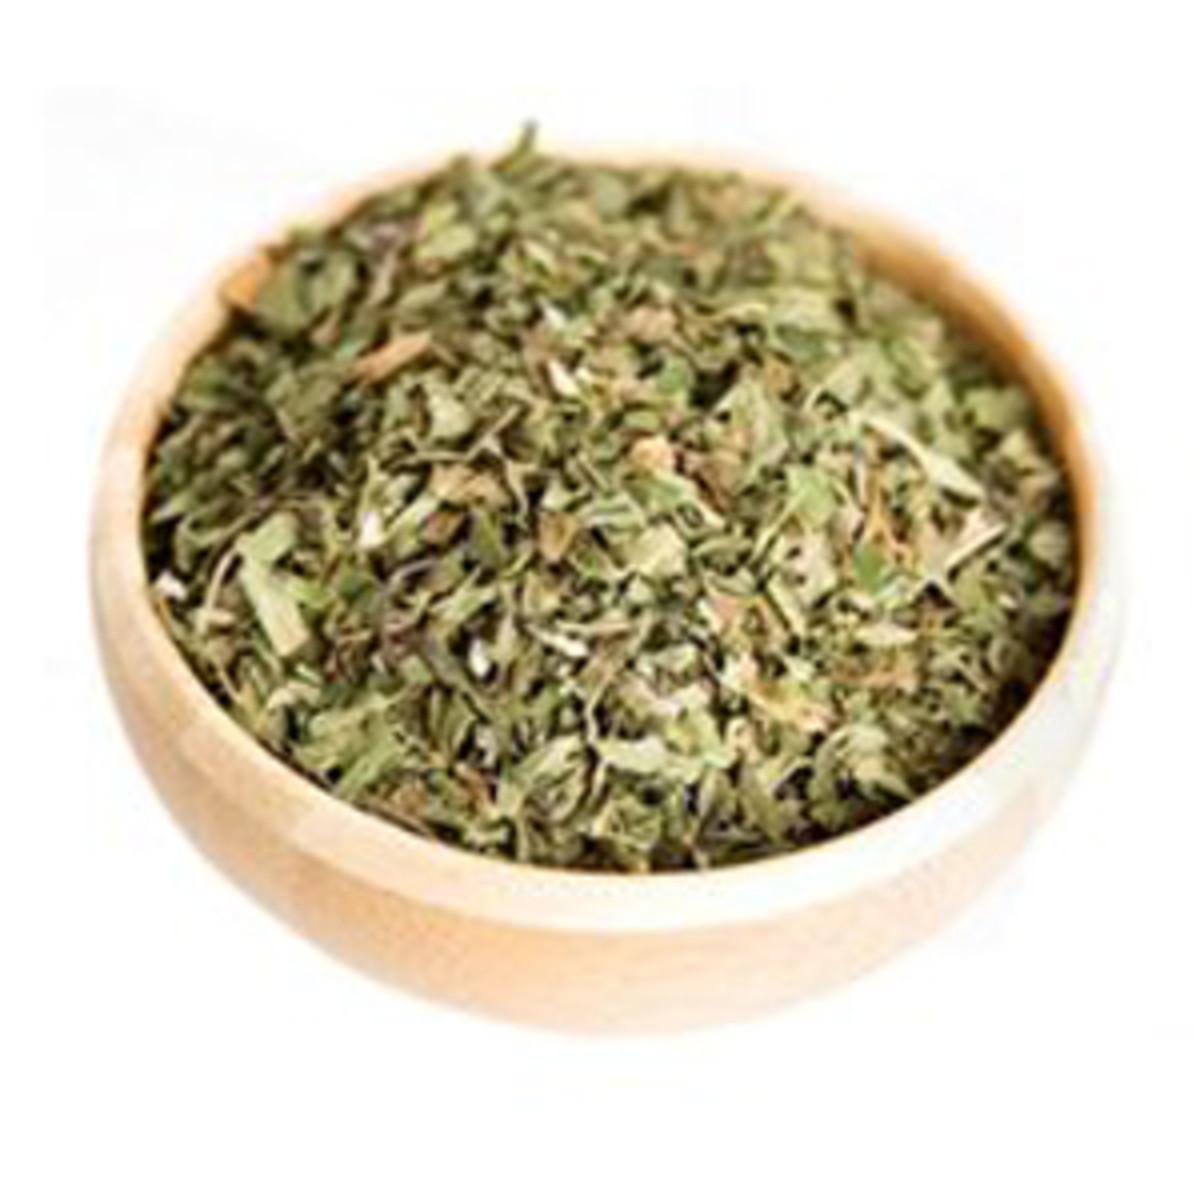 A closer look at Refresh tea.